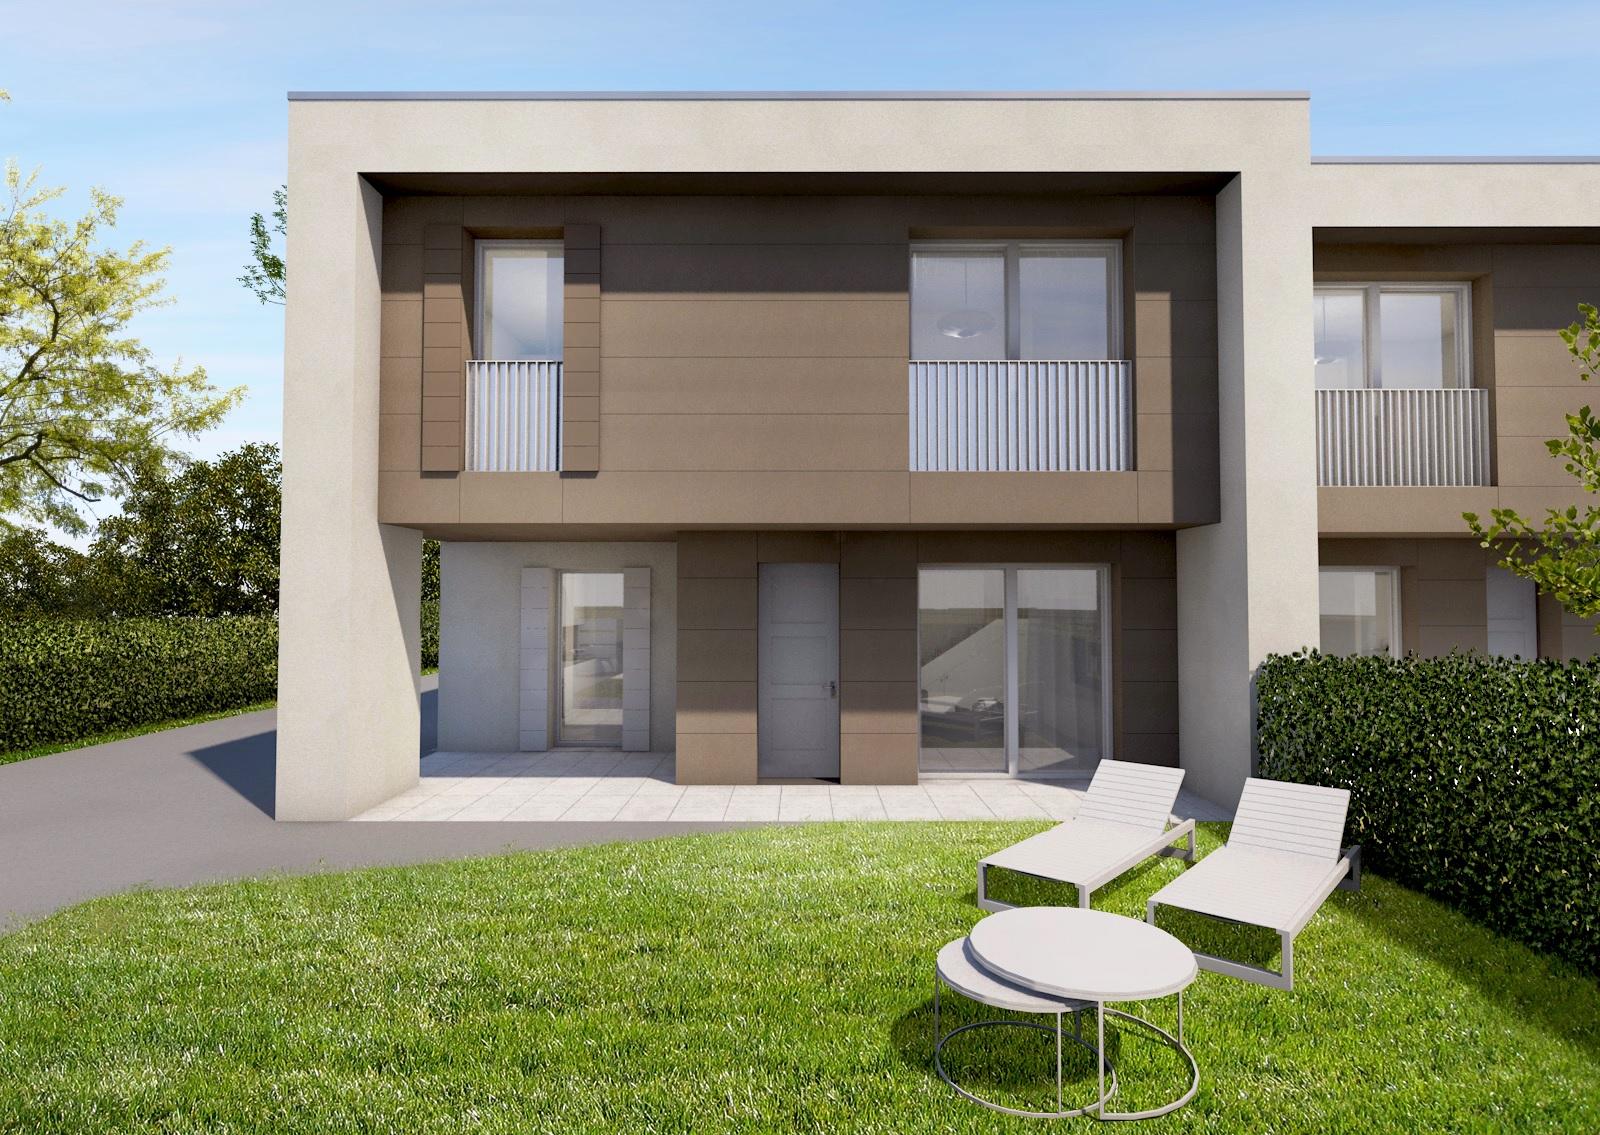 Nuova costruzione edificio bifamiliare for Ville bifamiliari moderne